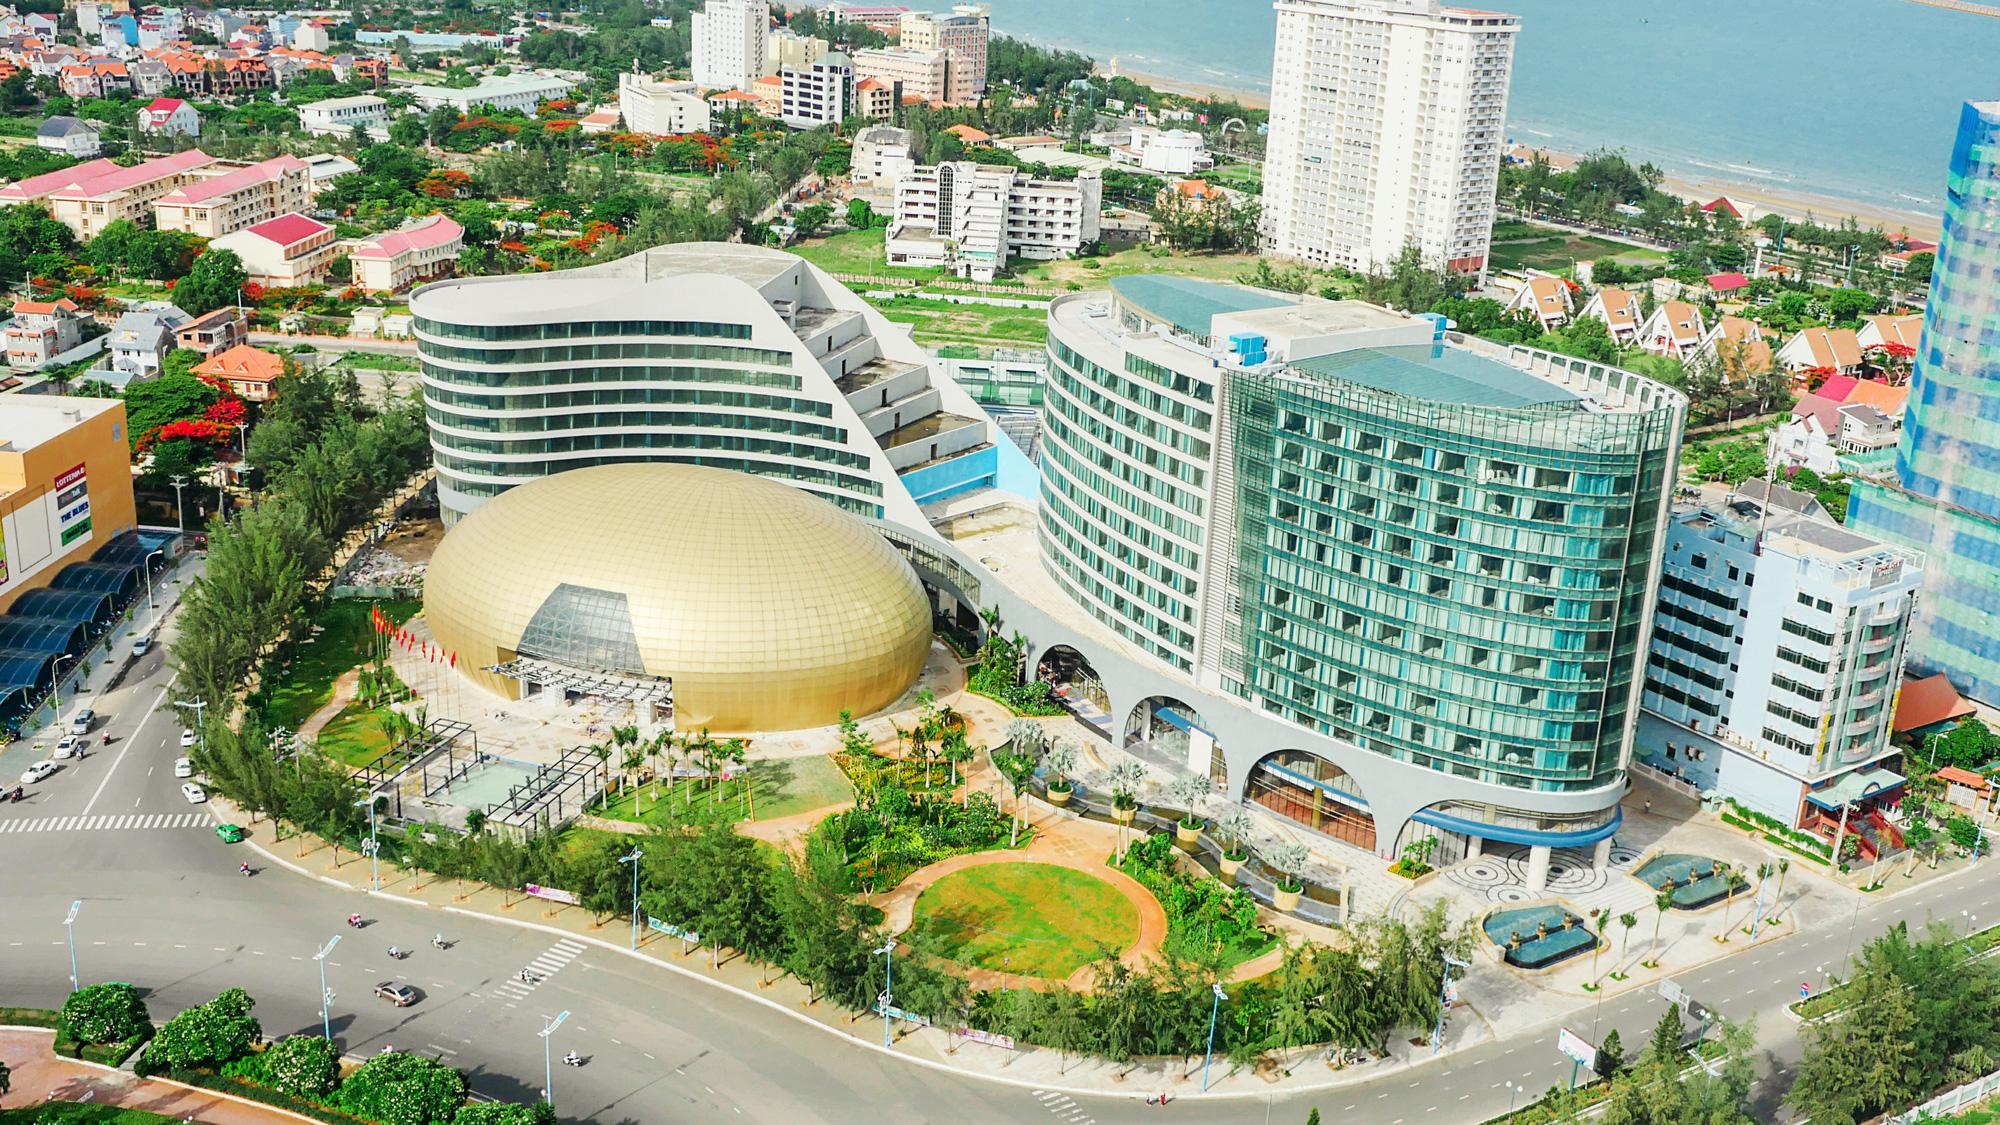 DIC Corp giải thể chi nhánh phát triển các dự án tại Bà Rịa - Vũng Tàu vì kinh doanh kém hiệu quả - Ảnh 1.